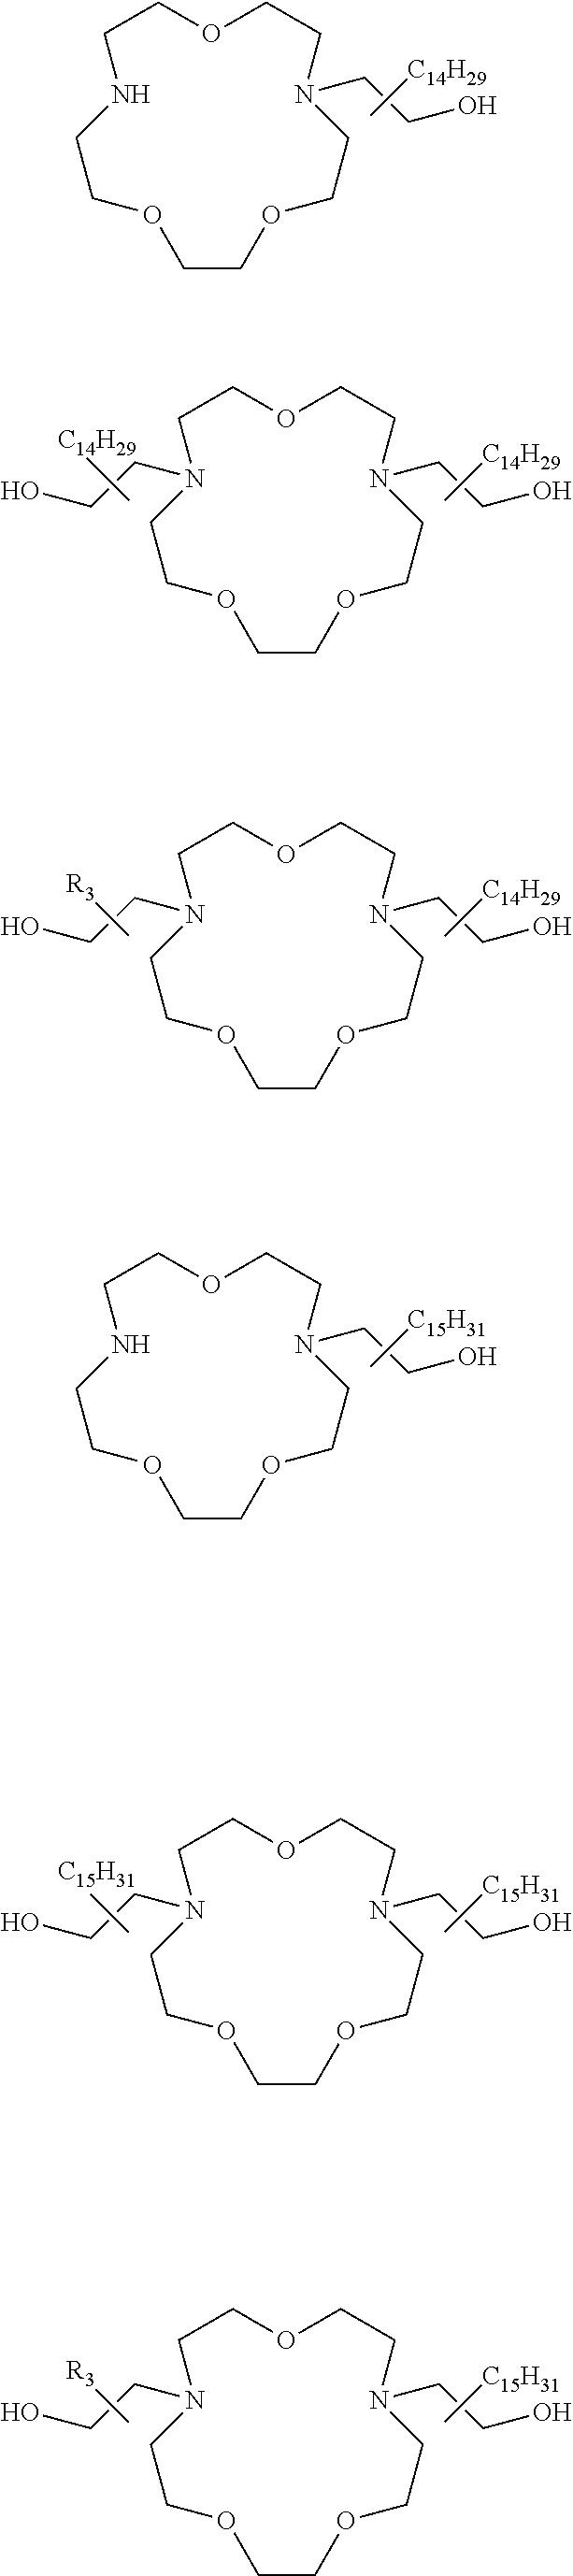 Figure US09238716-20160119-C00296